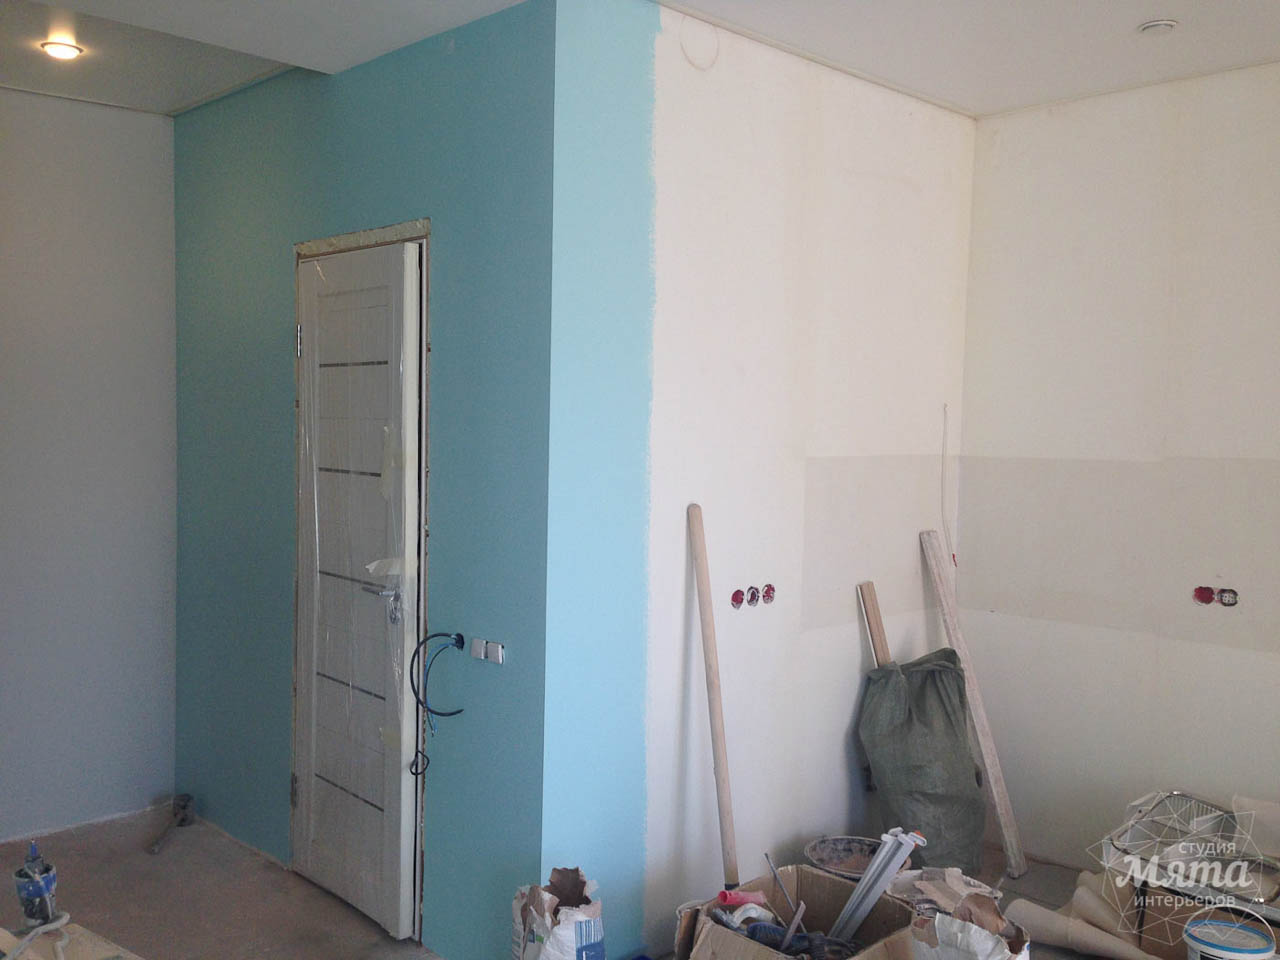 Дизайн интерьера и ремонт однокомнатной квартиры по ул. Сурикова 53а 45